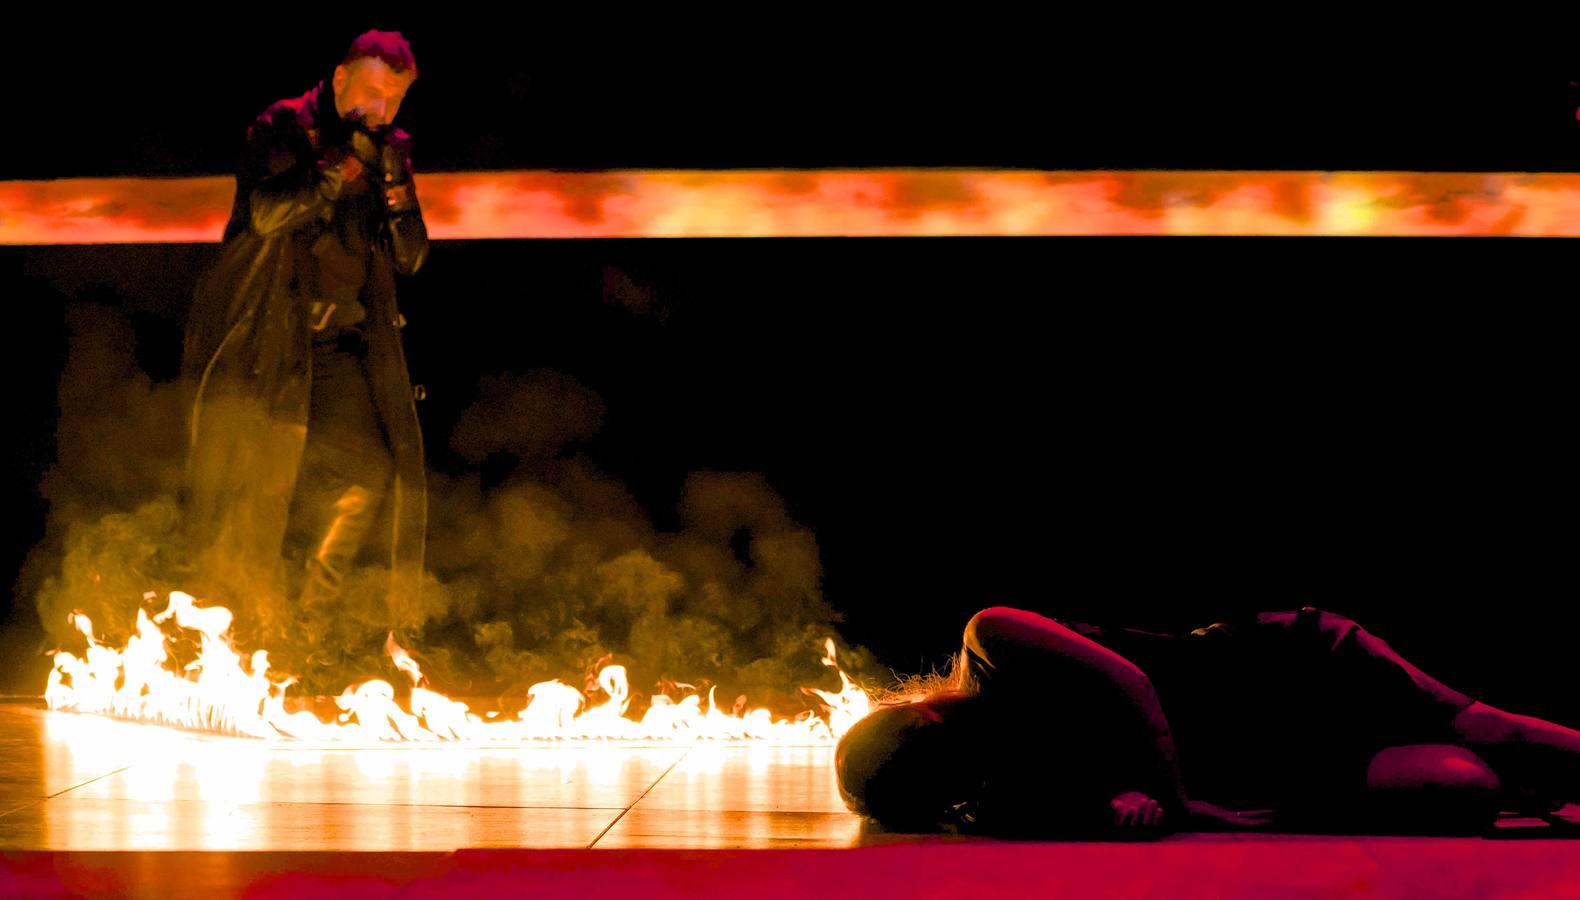 El aeropuerto de Málaga retransmitirá la ópera 'II Trovatore' en una iniciativa pionera con el Teatro Real